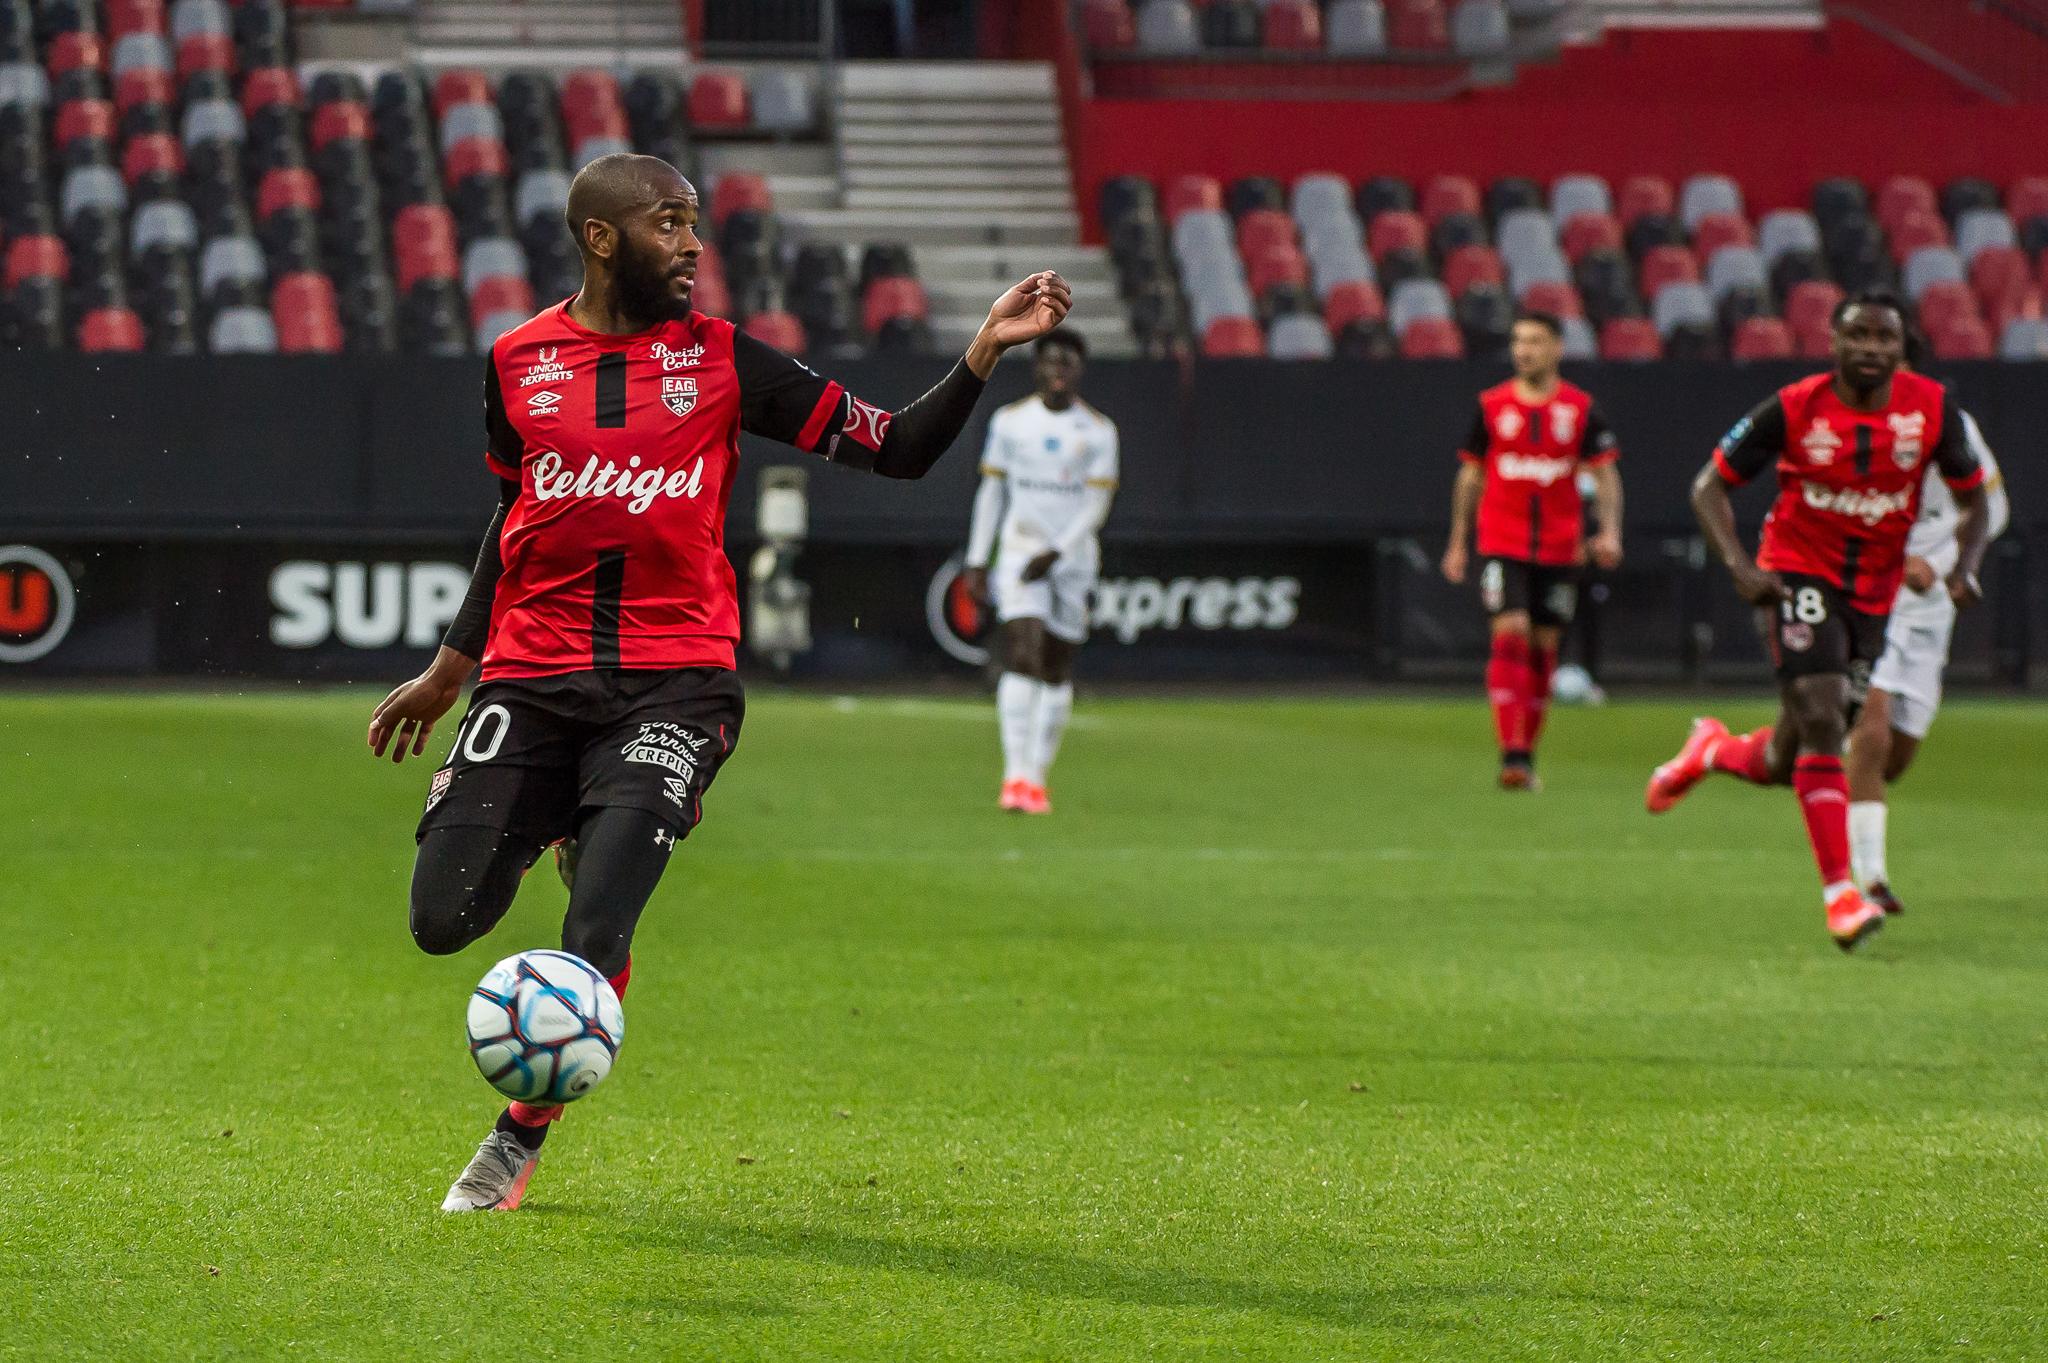 EA Guingamp La Berrichonne Châteauroux J37 Ligue 2 BKT EAGLBC 2-0 Stade de Roudourou FRA_5819